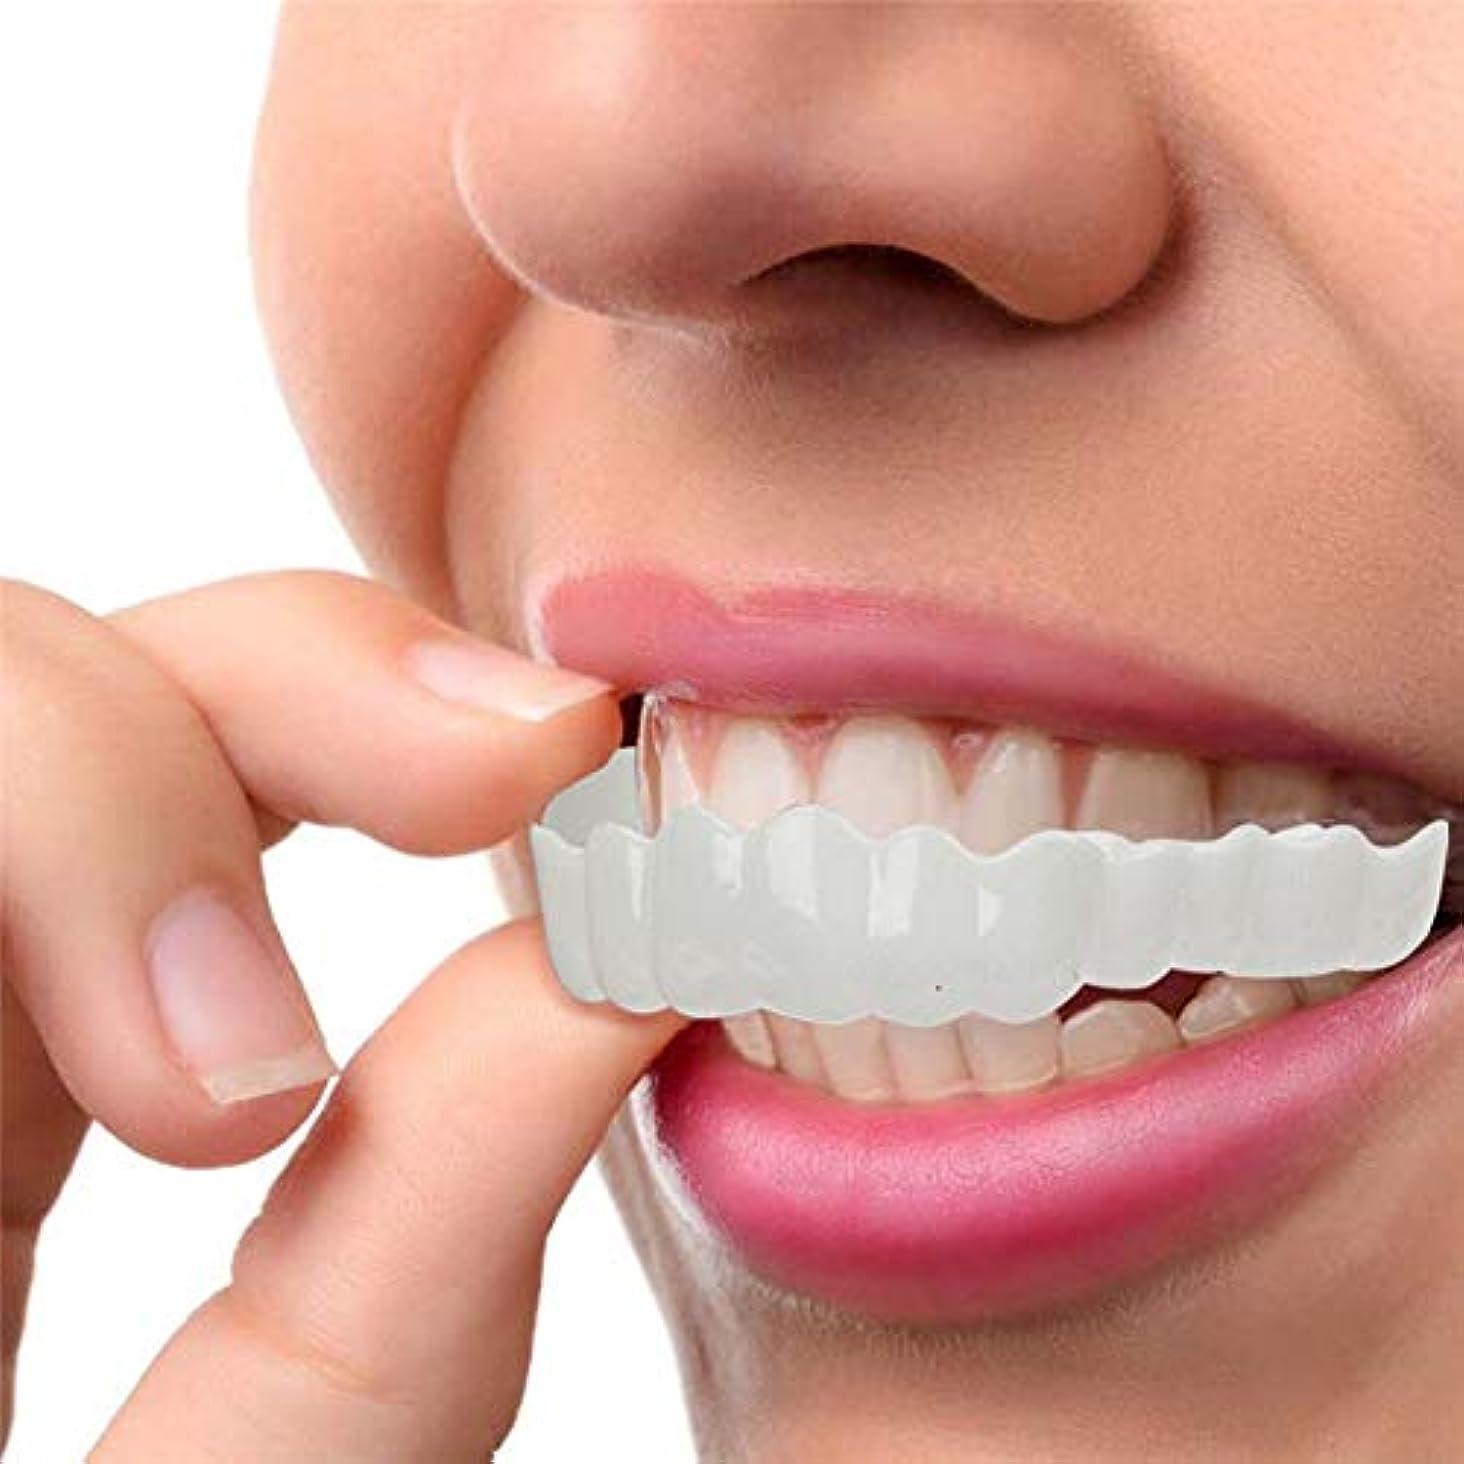 郵便屋さん連邦暗殺2セット、白い歯をきれいにするためのコンフォートフィットフレックス歯ソケット、化粧品の歯、スーパーコンフォート、コンフォートフィット